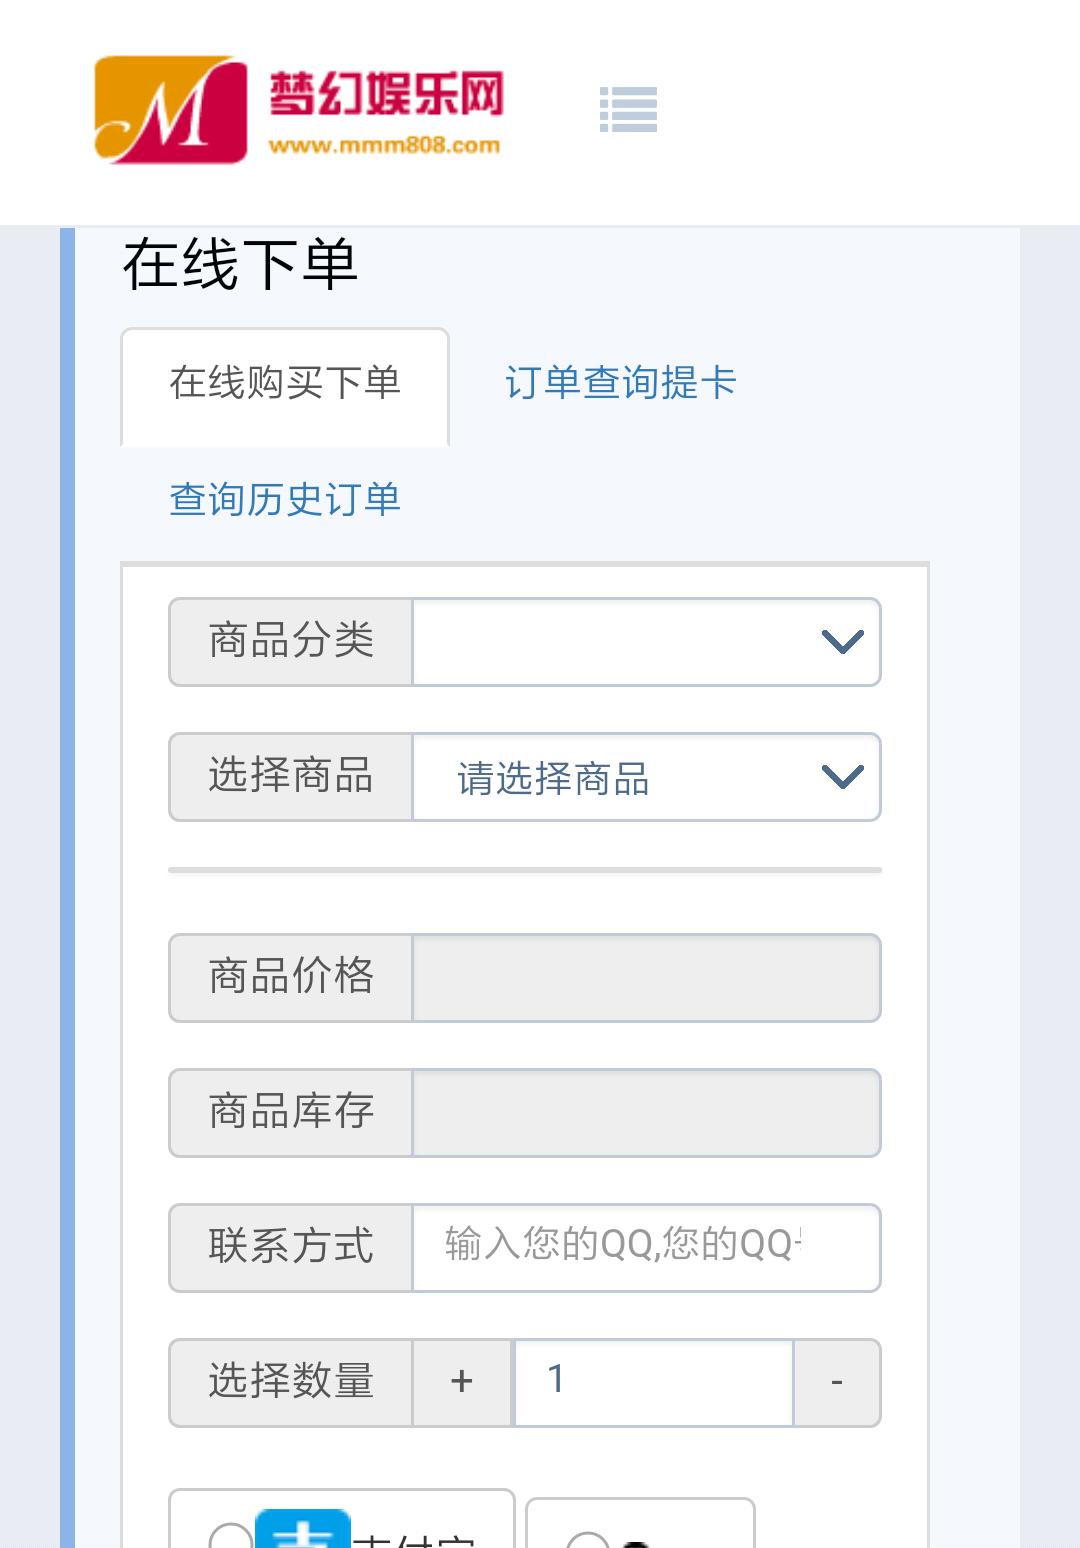 个人发卡系统6.0 全解密可用